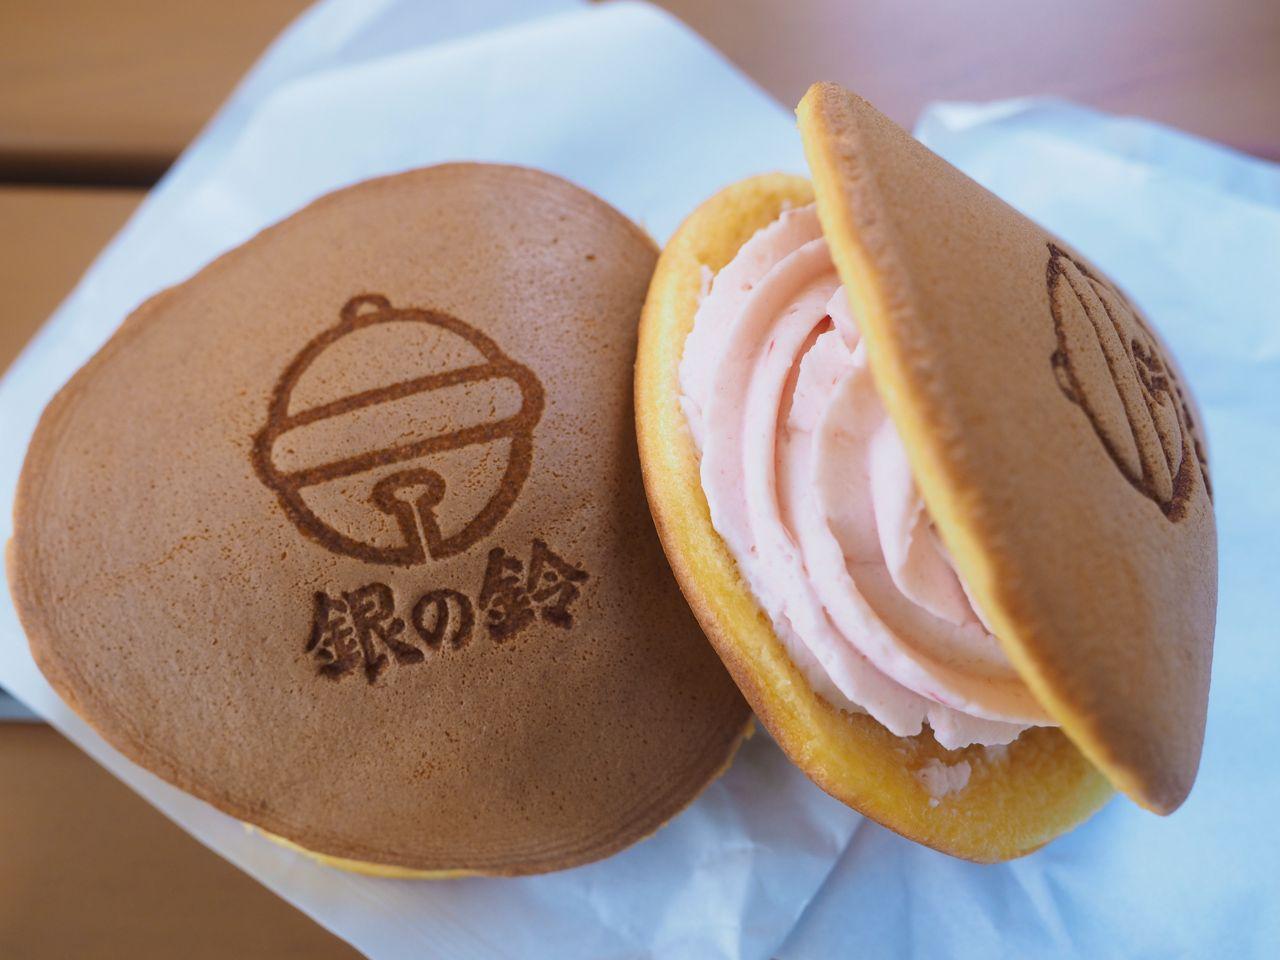 銀の鈴が愛らしい!東京駅限定パンケーキ